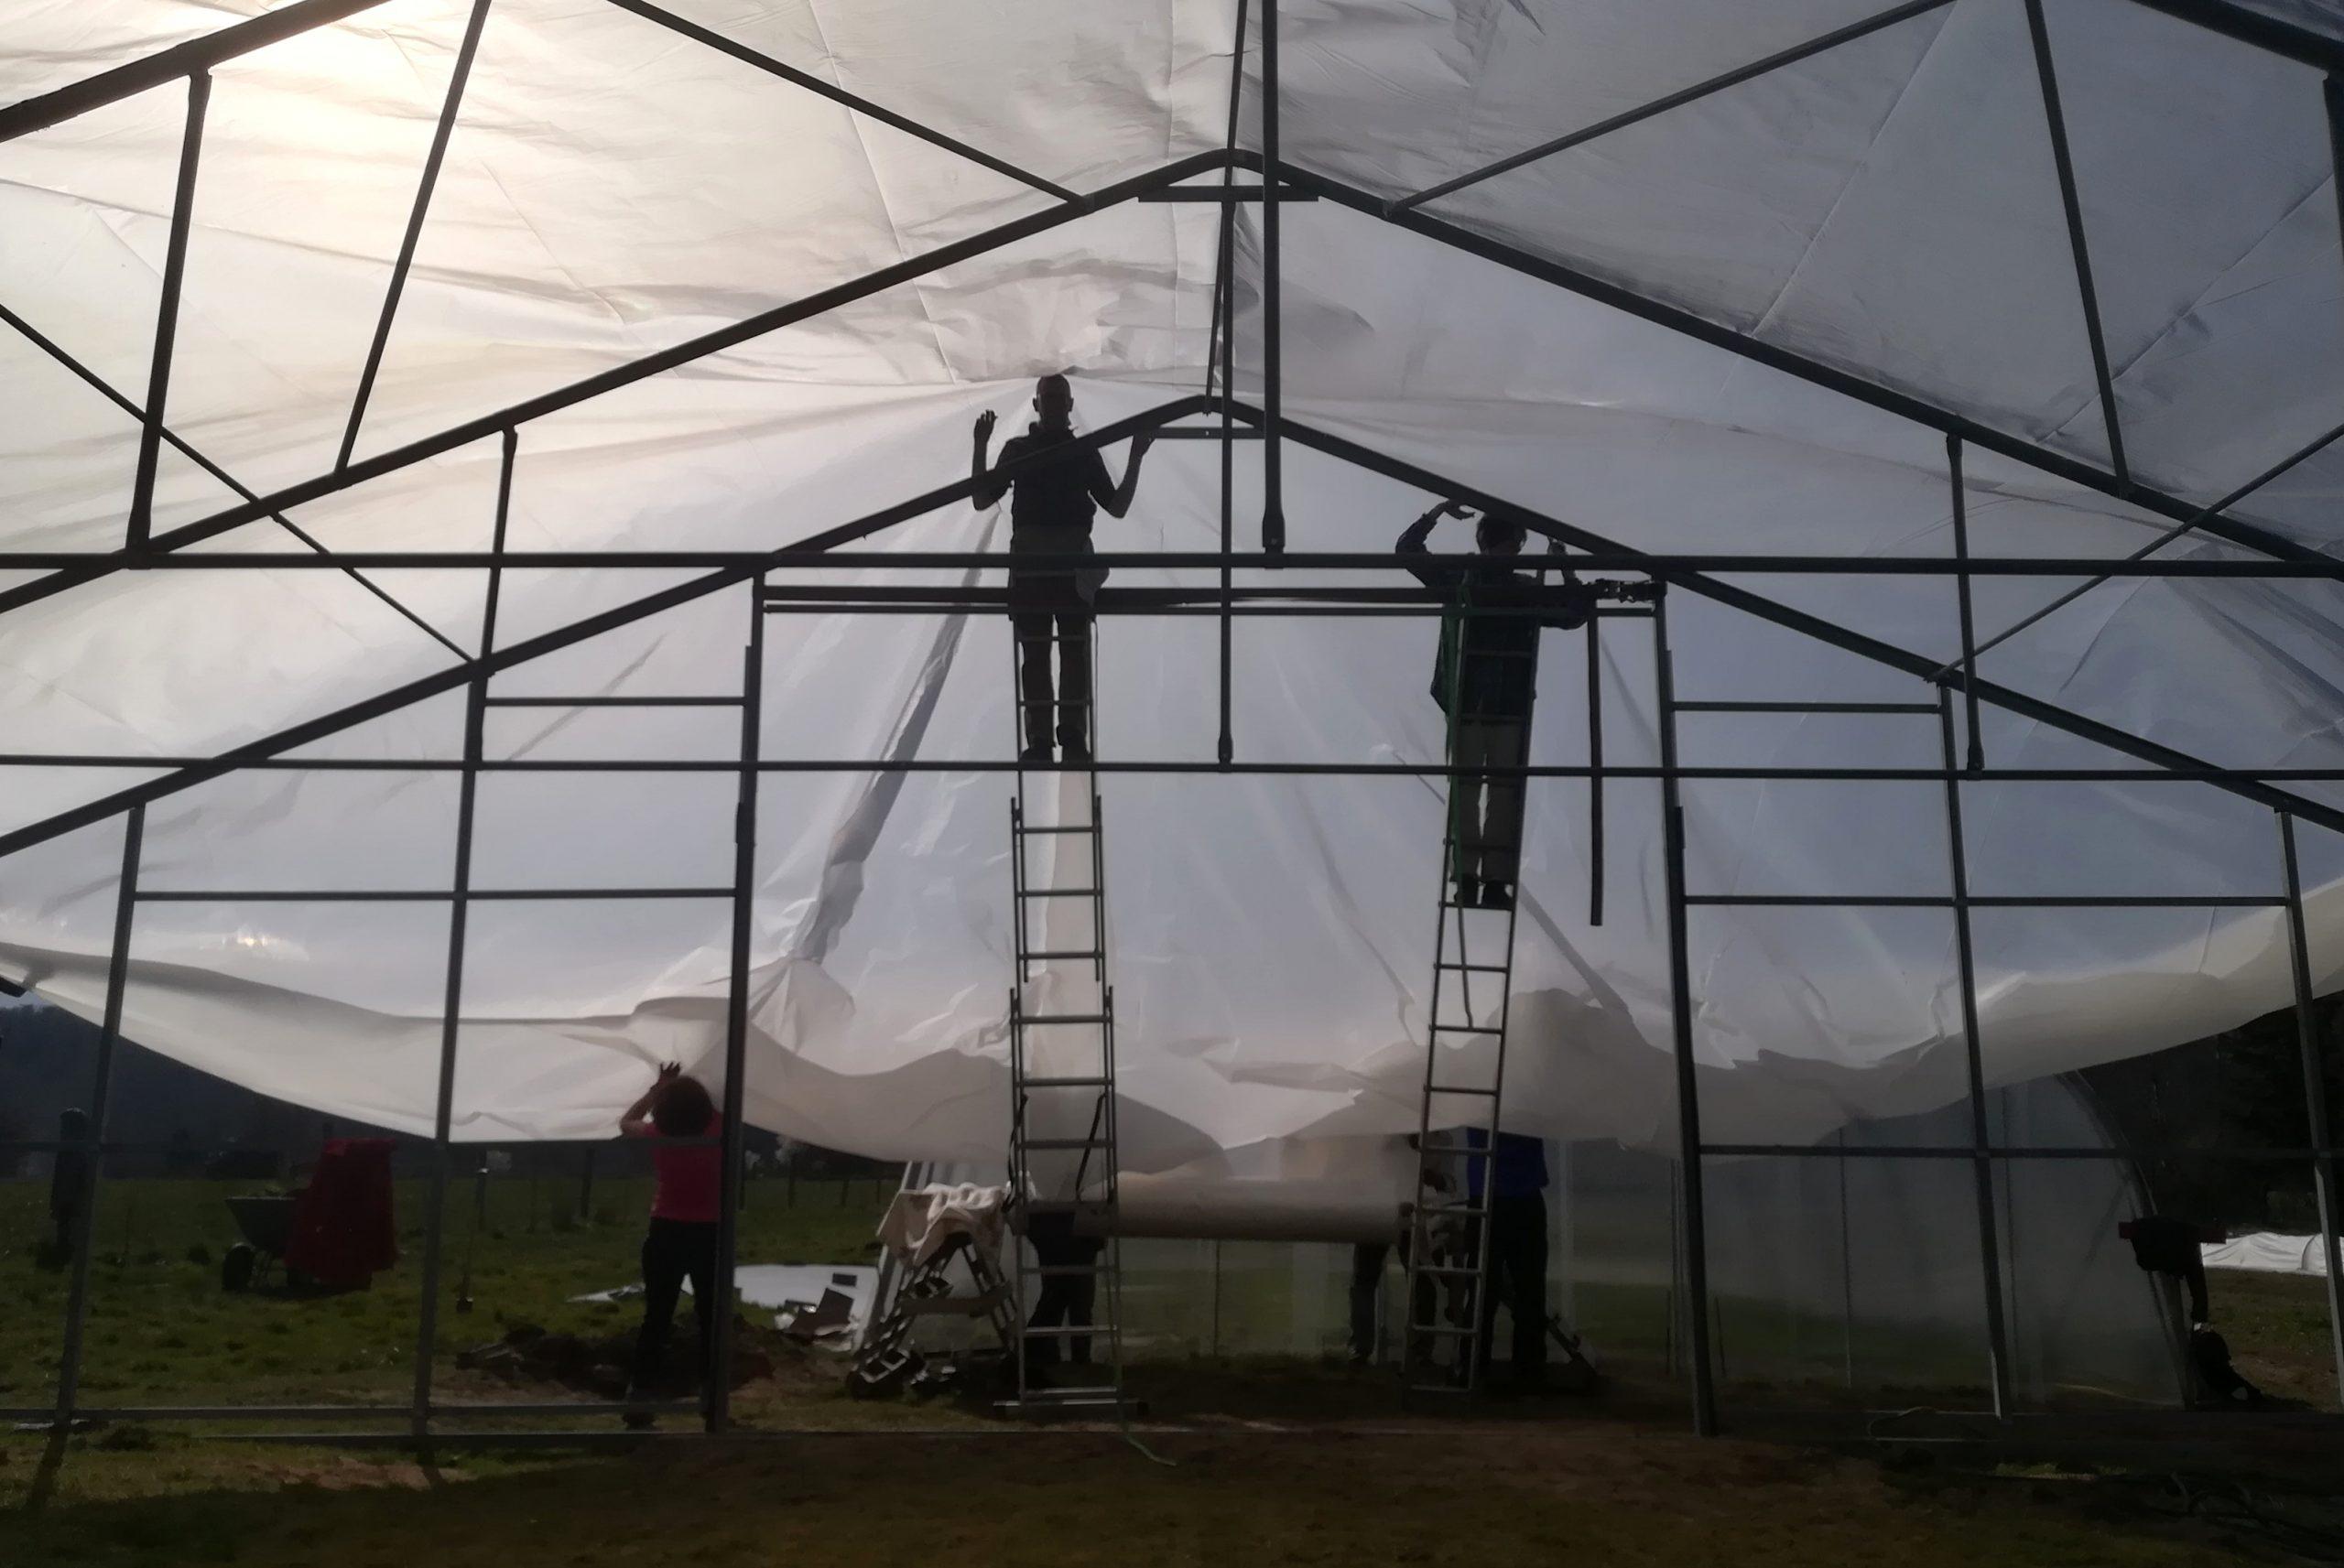 Helfer:innen unterstützen beim Bau des großen Gewächshauses - auf Leitern stehend ziehen sie die Doppelfolie über das Gerüst.